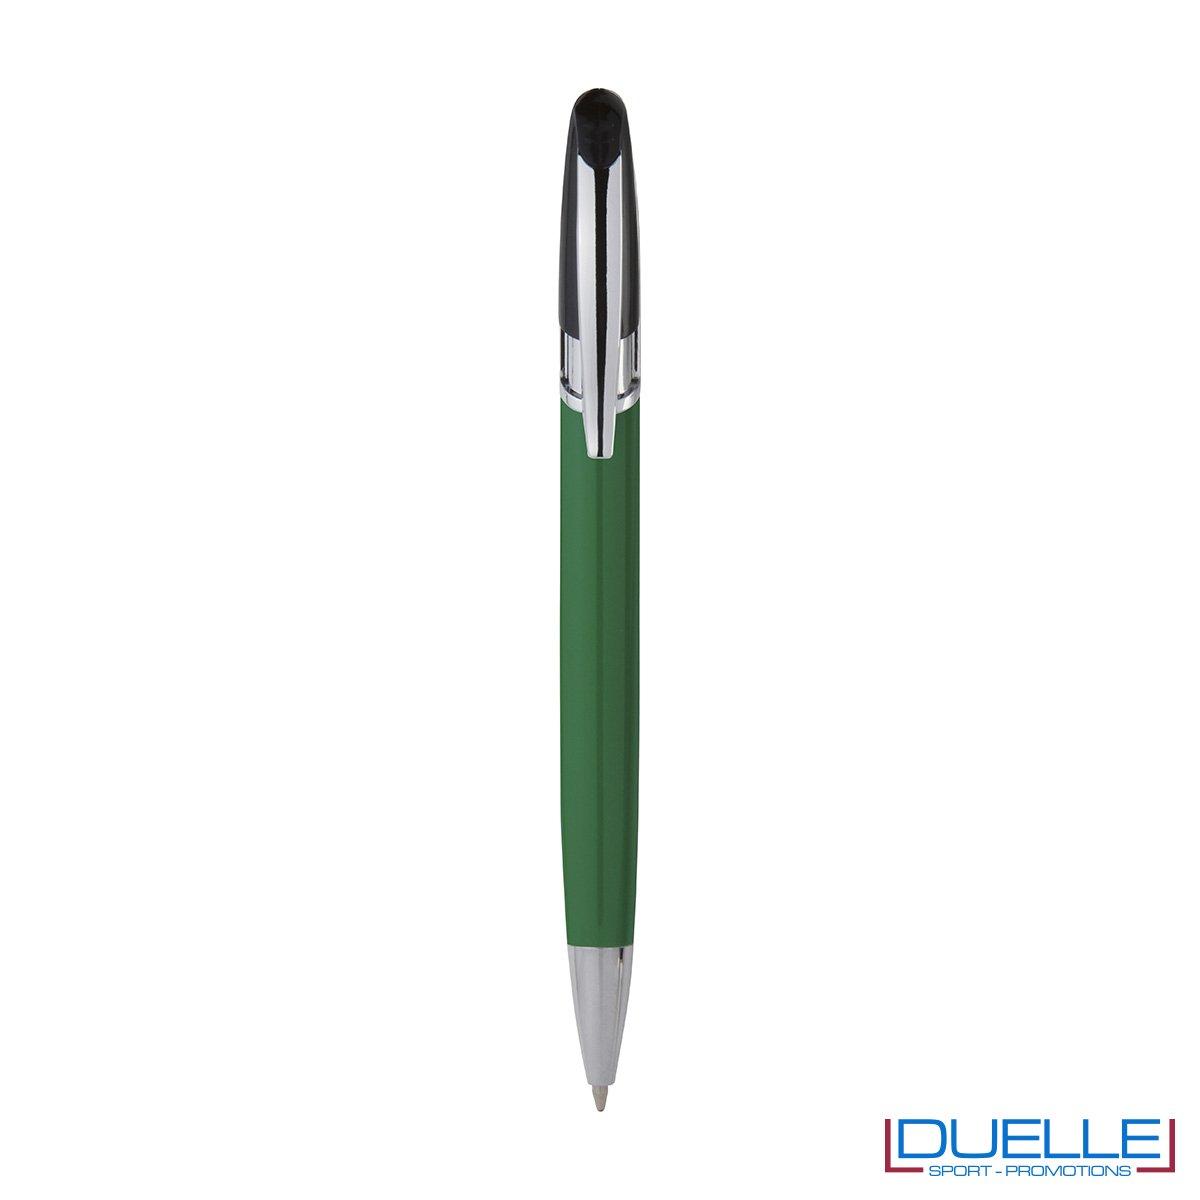 Penna personalizzata a sfera clip in metallo colore verde